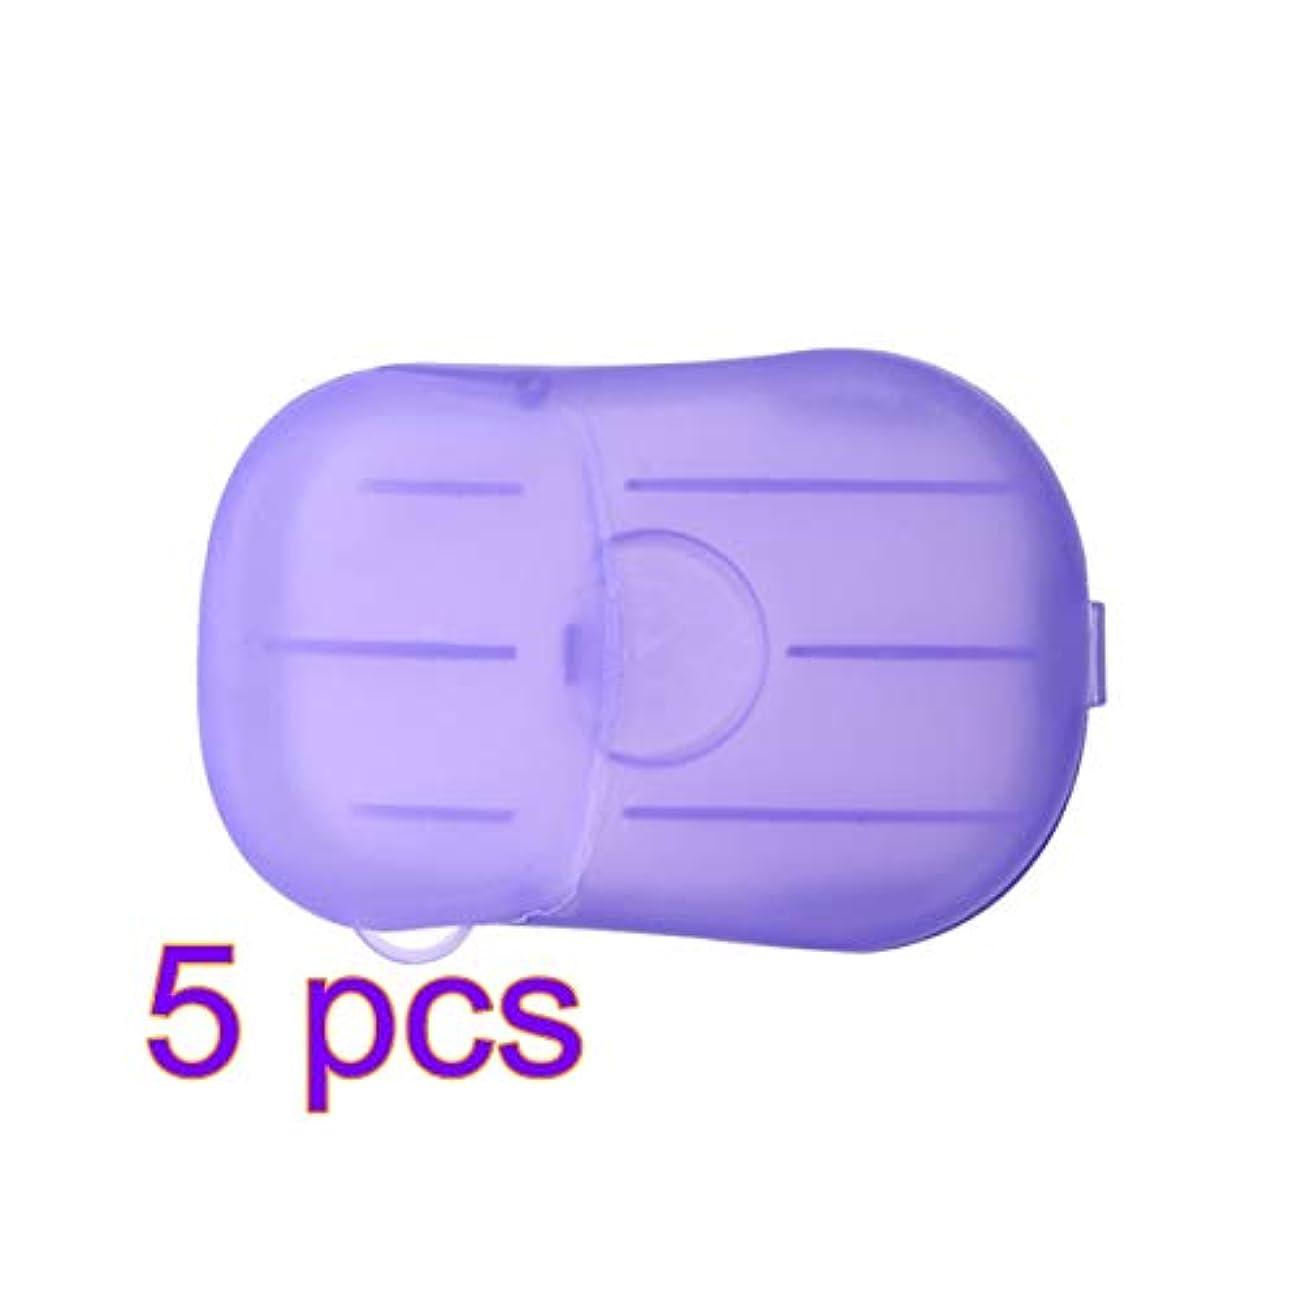 カーフネックレスつぼみLIOOBO 5セットポータブルソープペーパー使い捨て手洗いペーパーソープスライスシーツ子供用大人トイレ旅行屋外用(パープル)